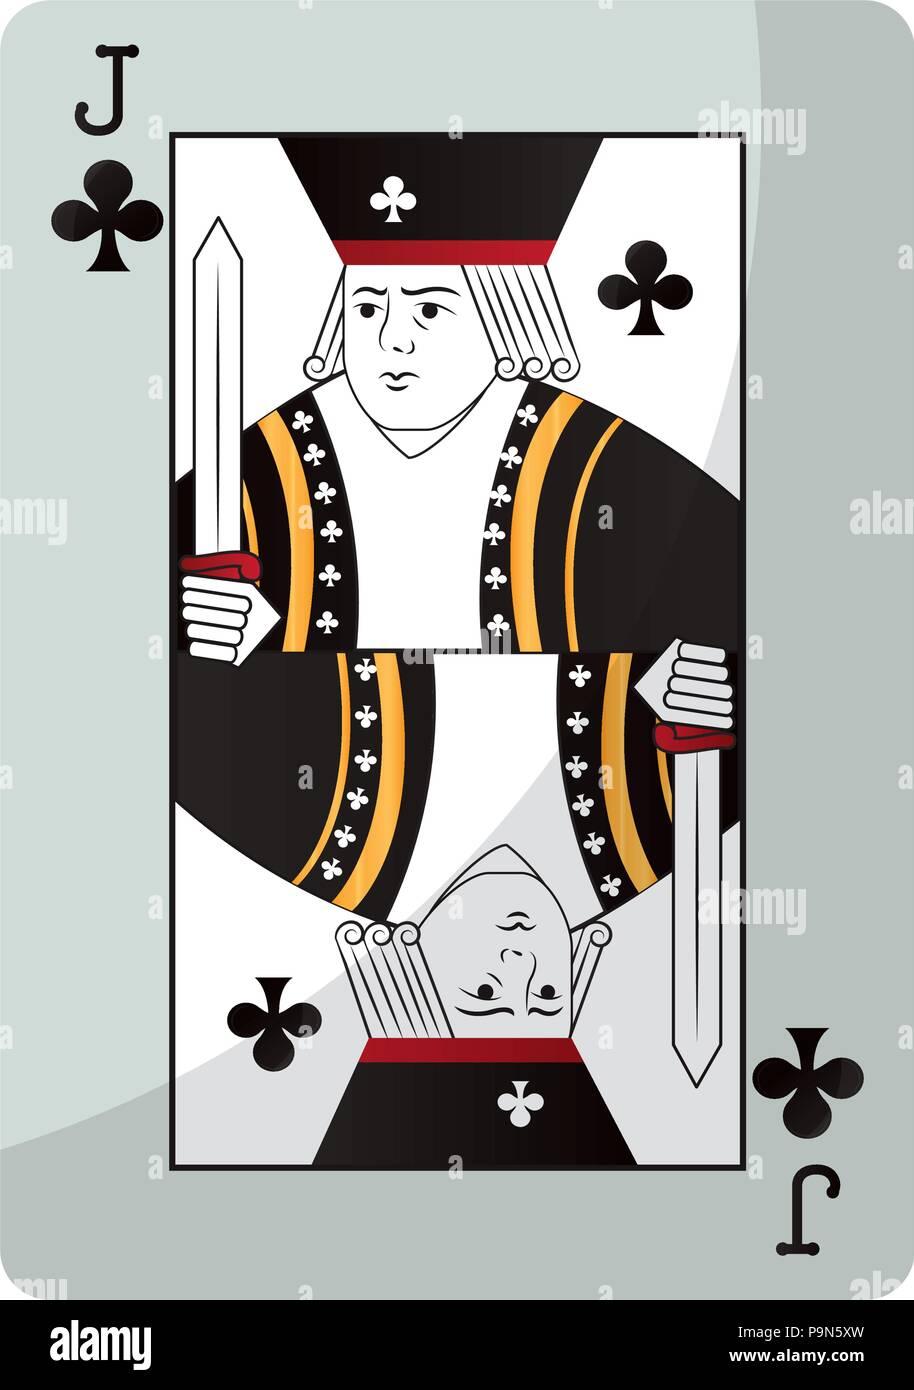 online casino eu recht